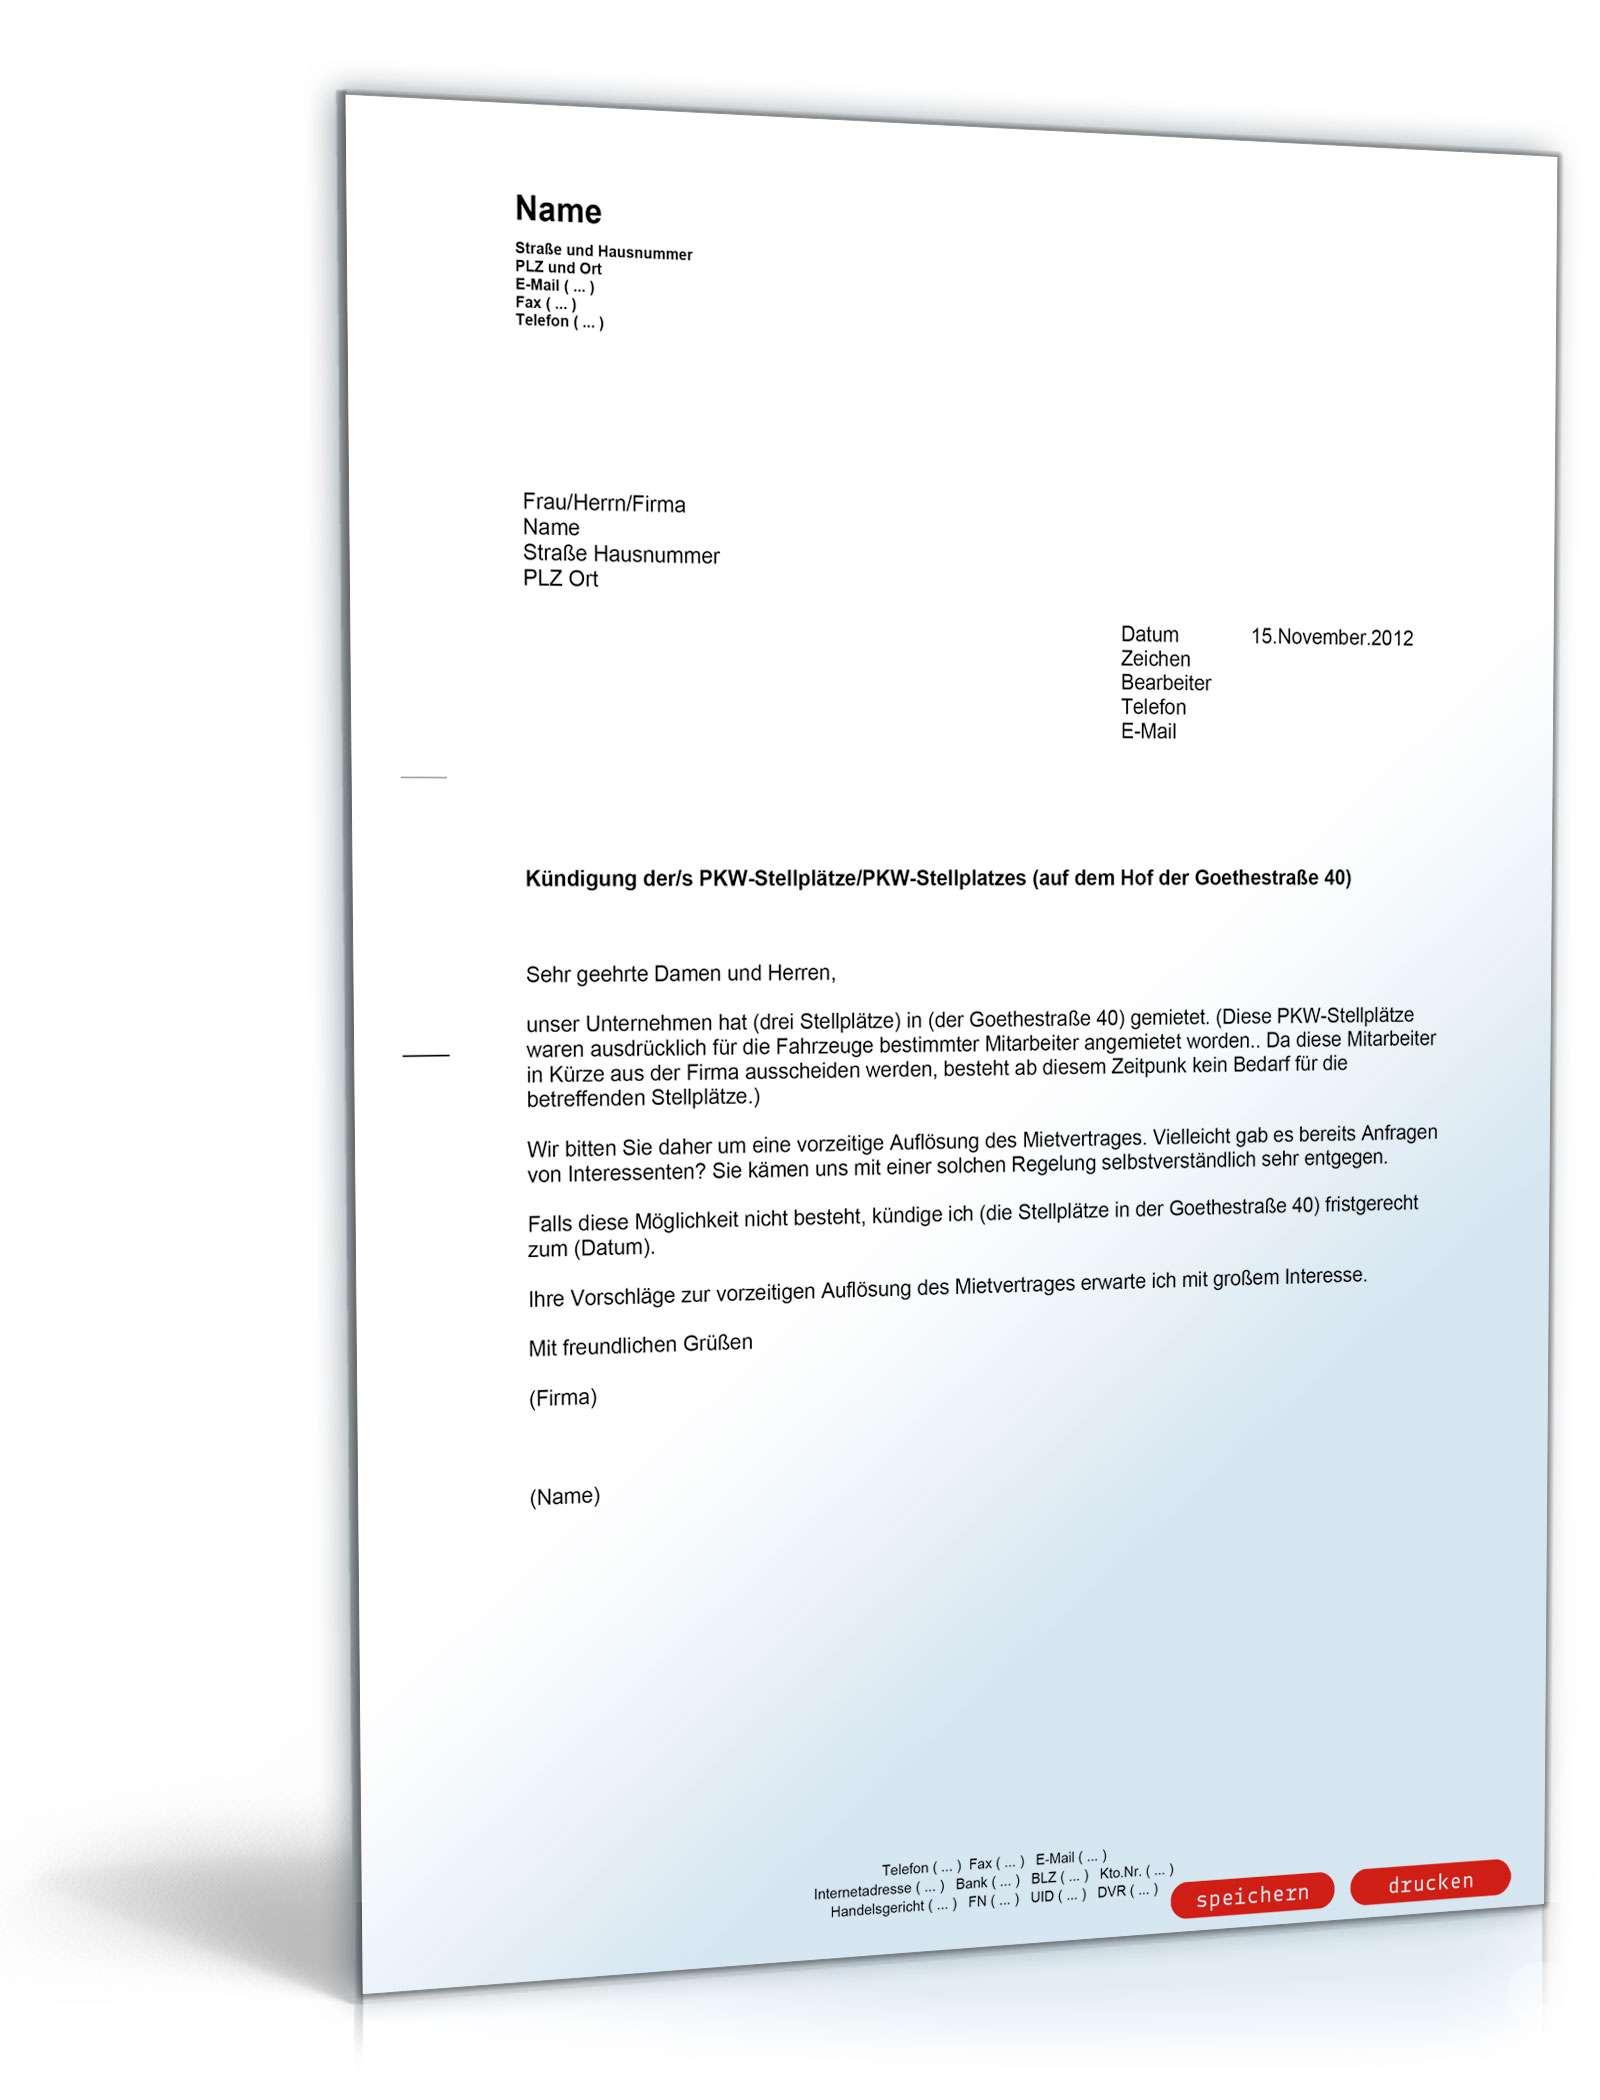 Kündigung eines Mietvertrags für Parkplätze - Muster-Vorlage zum ...